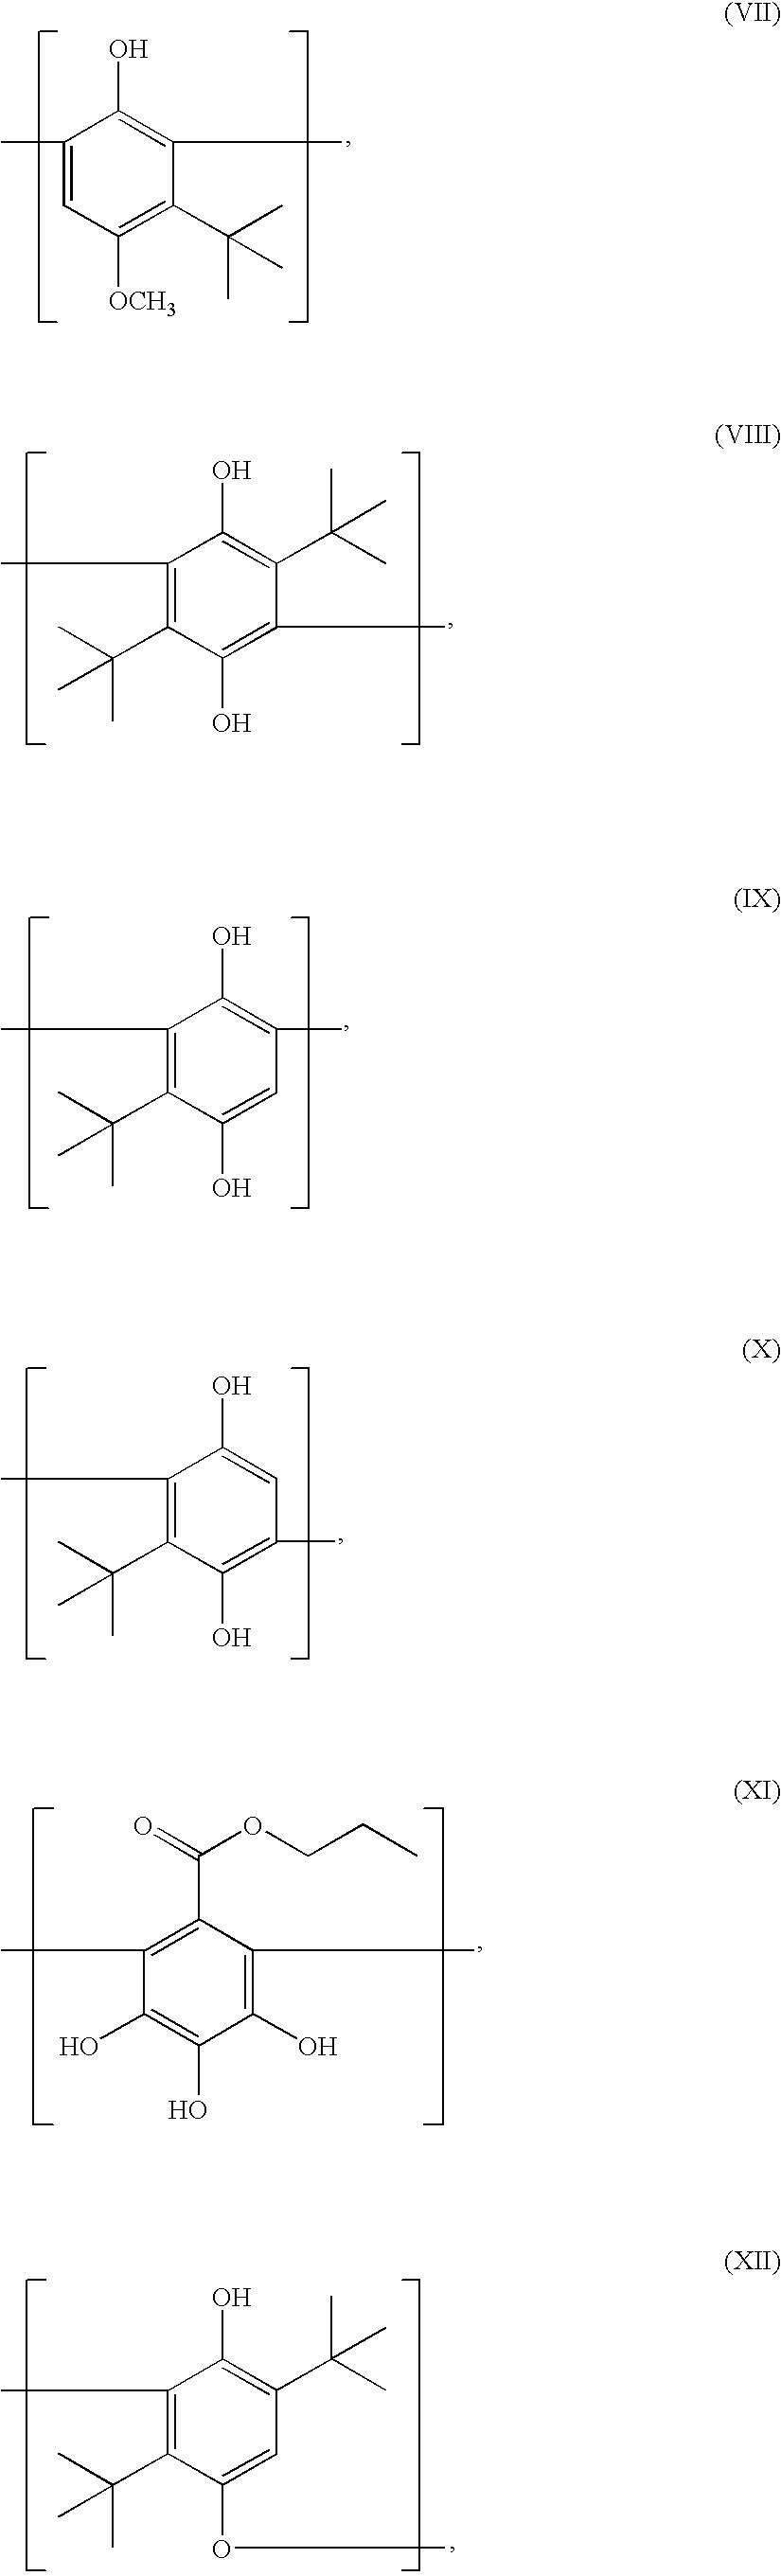 Figure US07754267-20100713-C00014